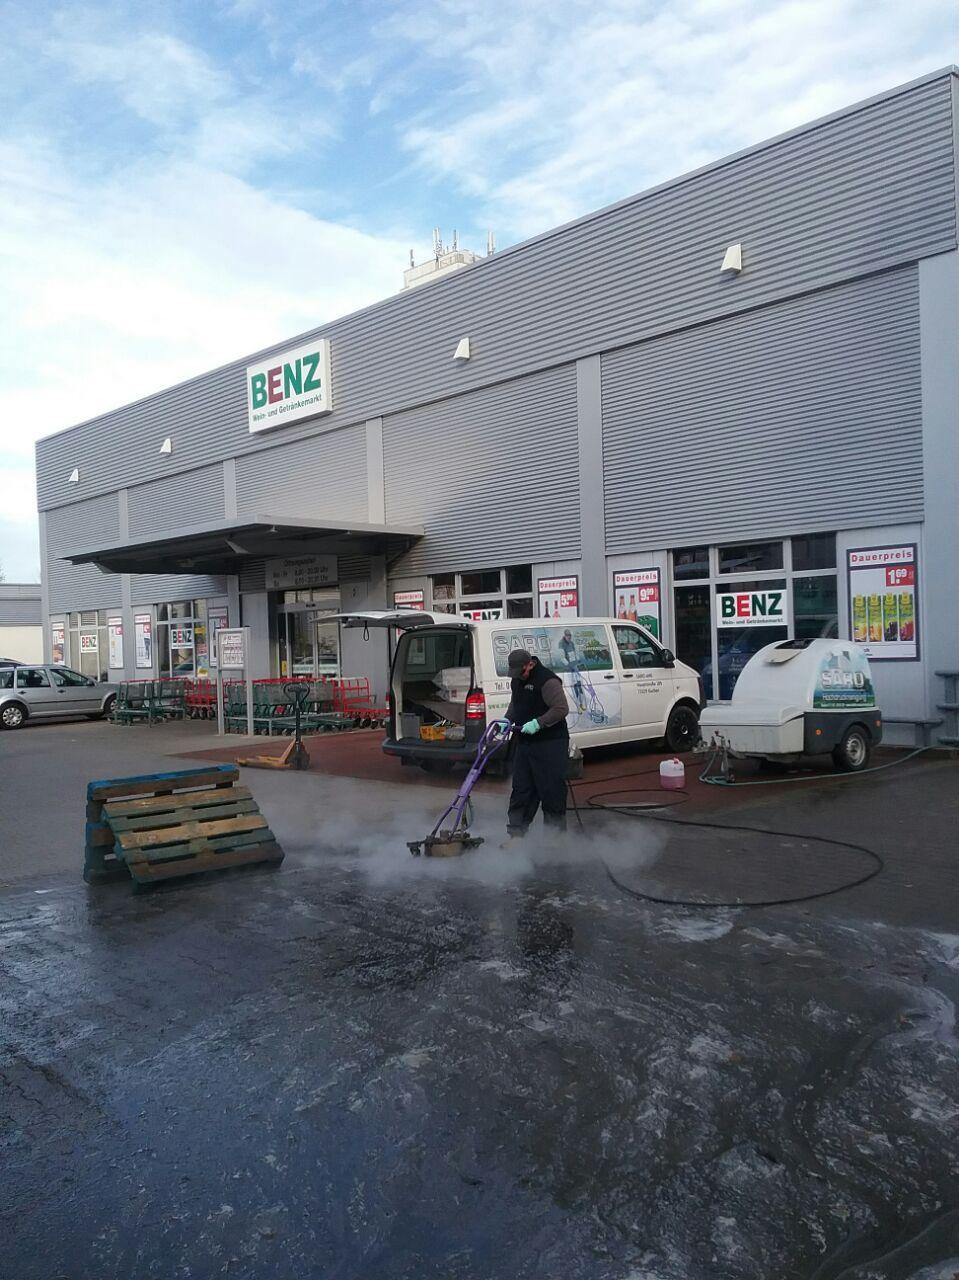 Parkplatzreinigung mit Kaugummientfernung von Saro Ulm